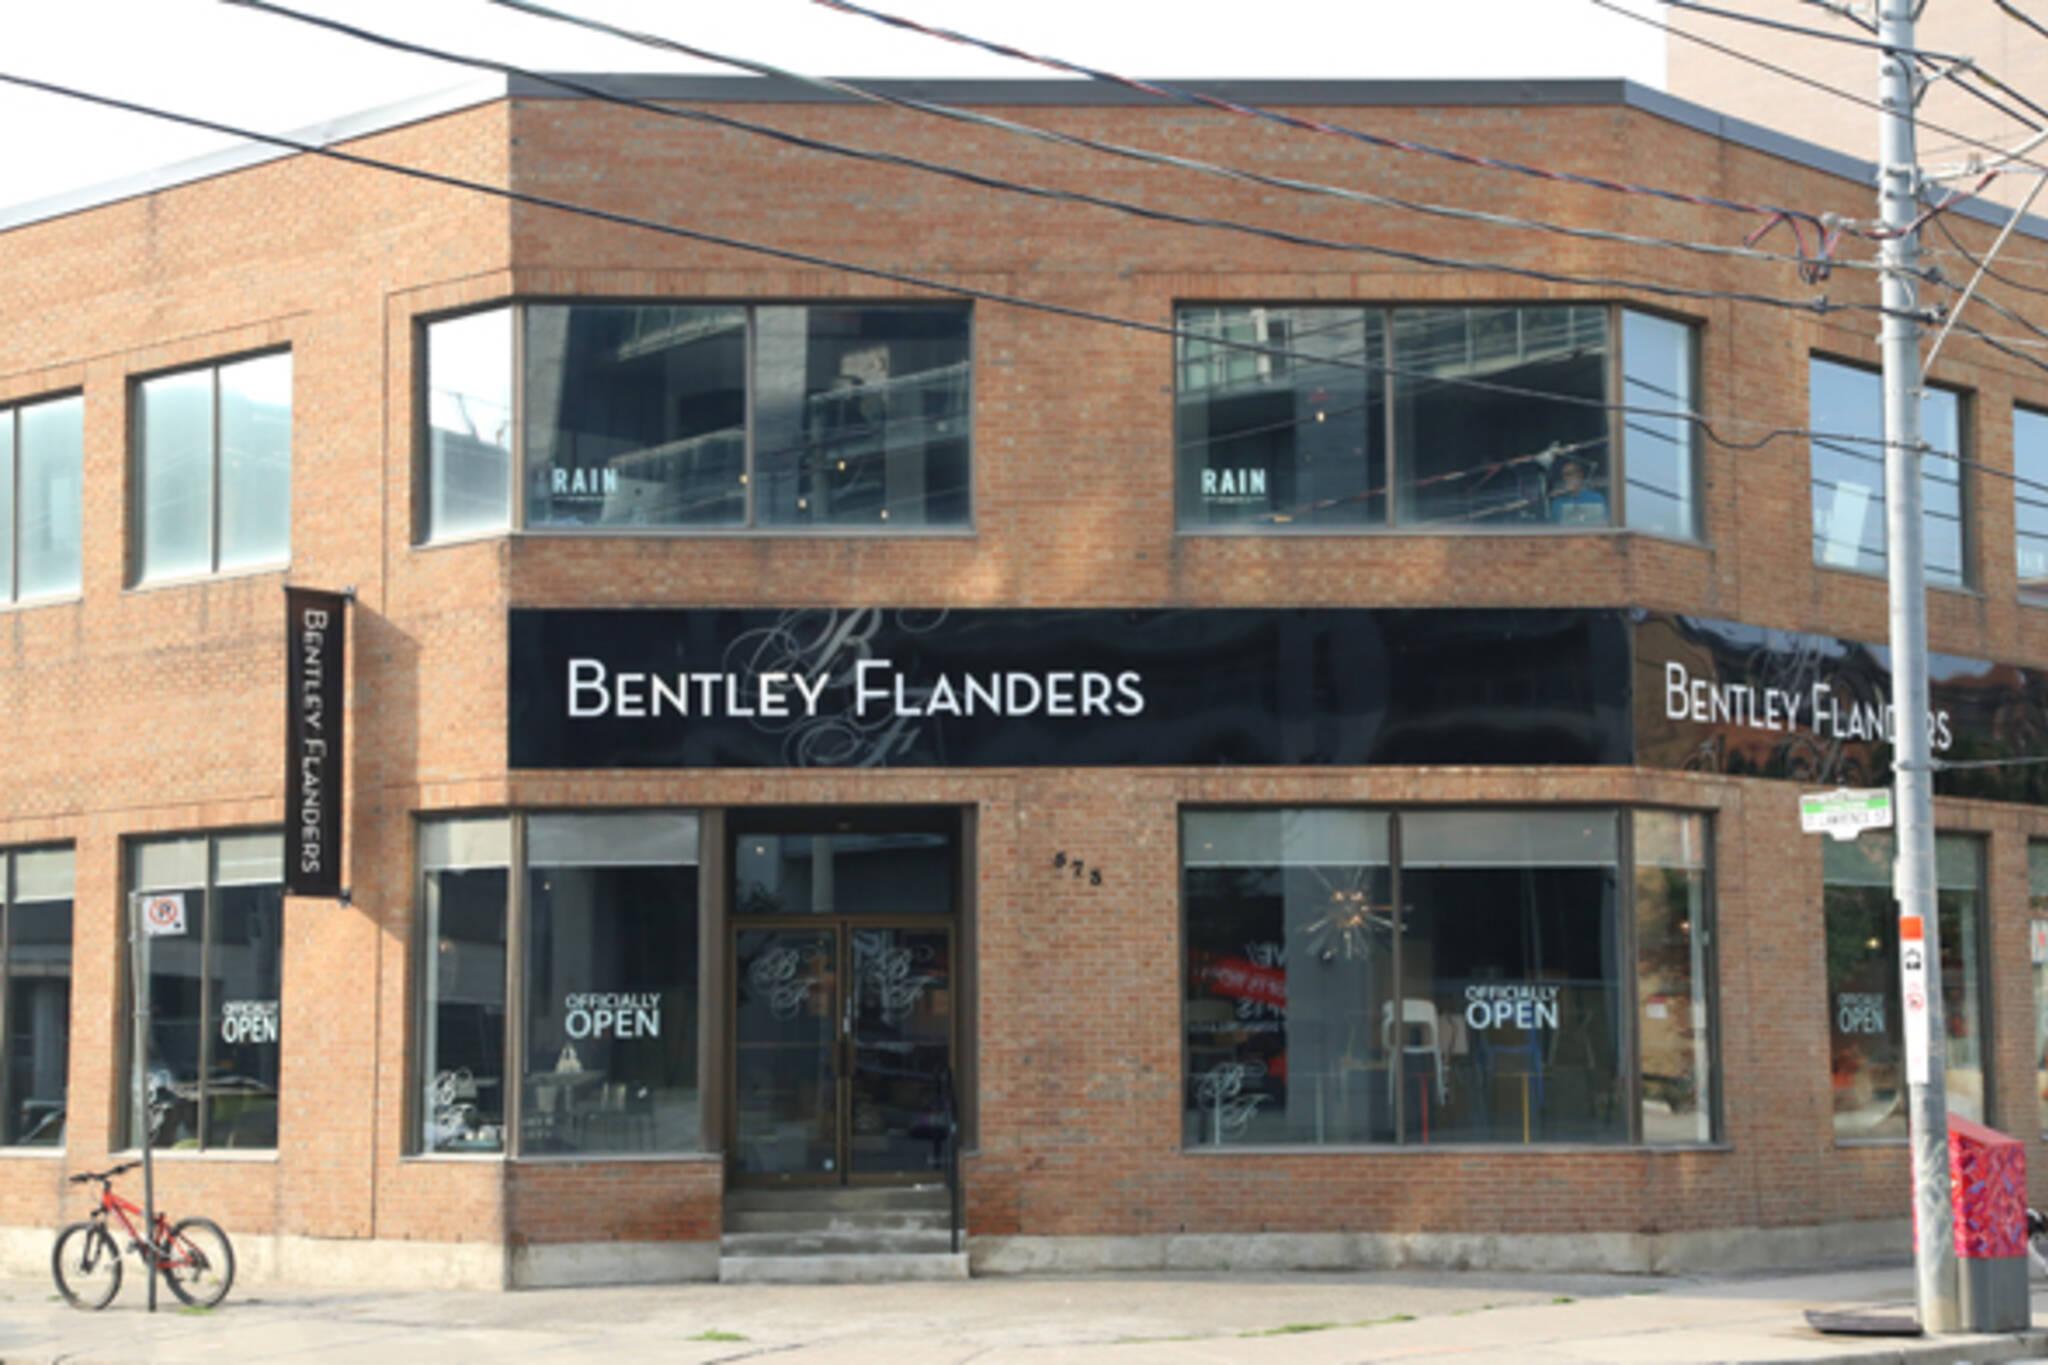 Bentley Flanders